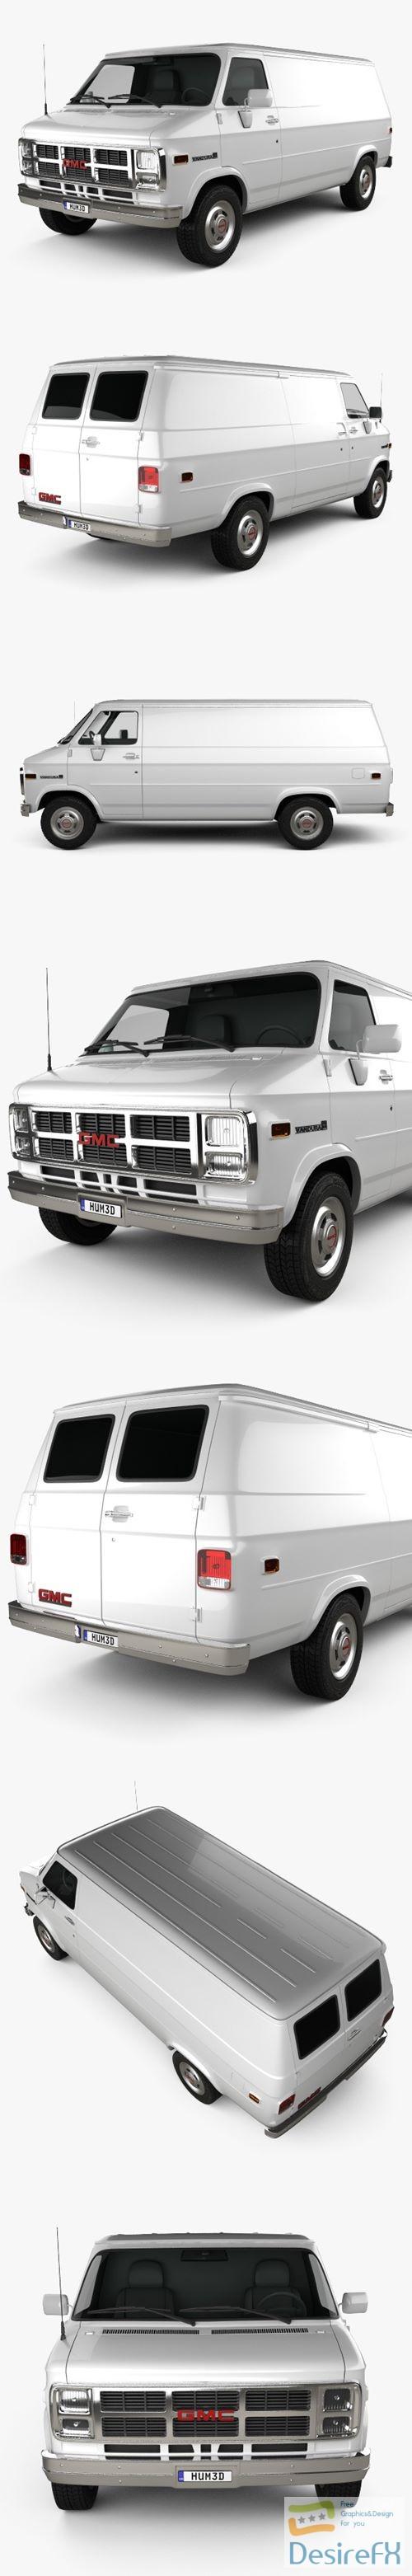 3d-models - GMC Vandura Panel Van 1992 3D Model